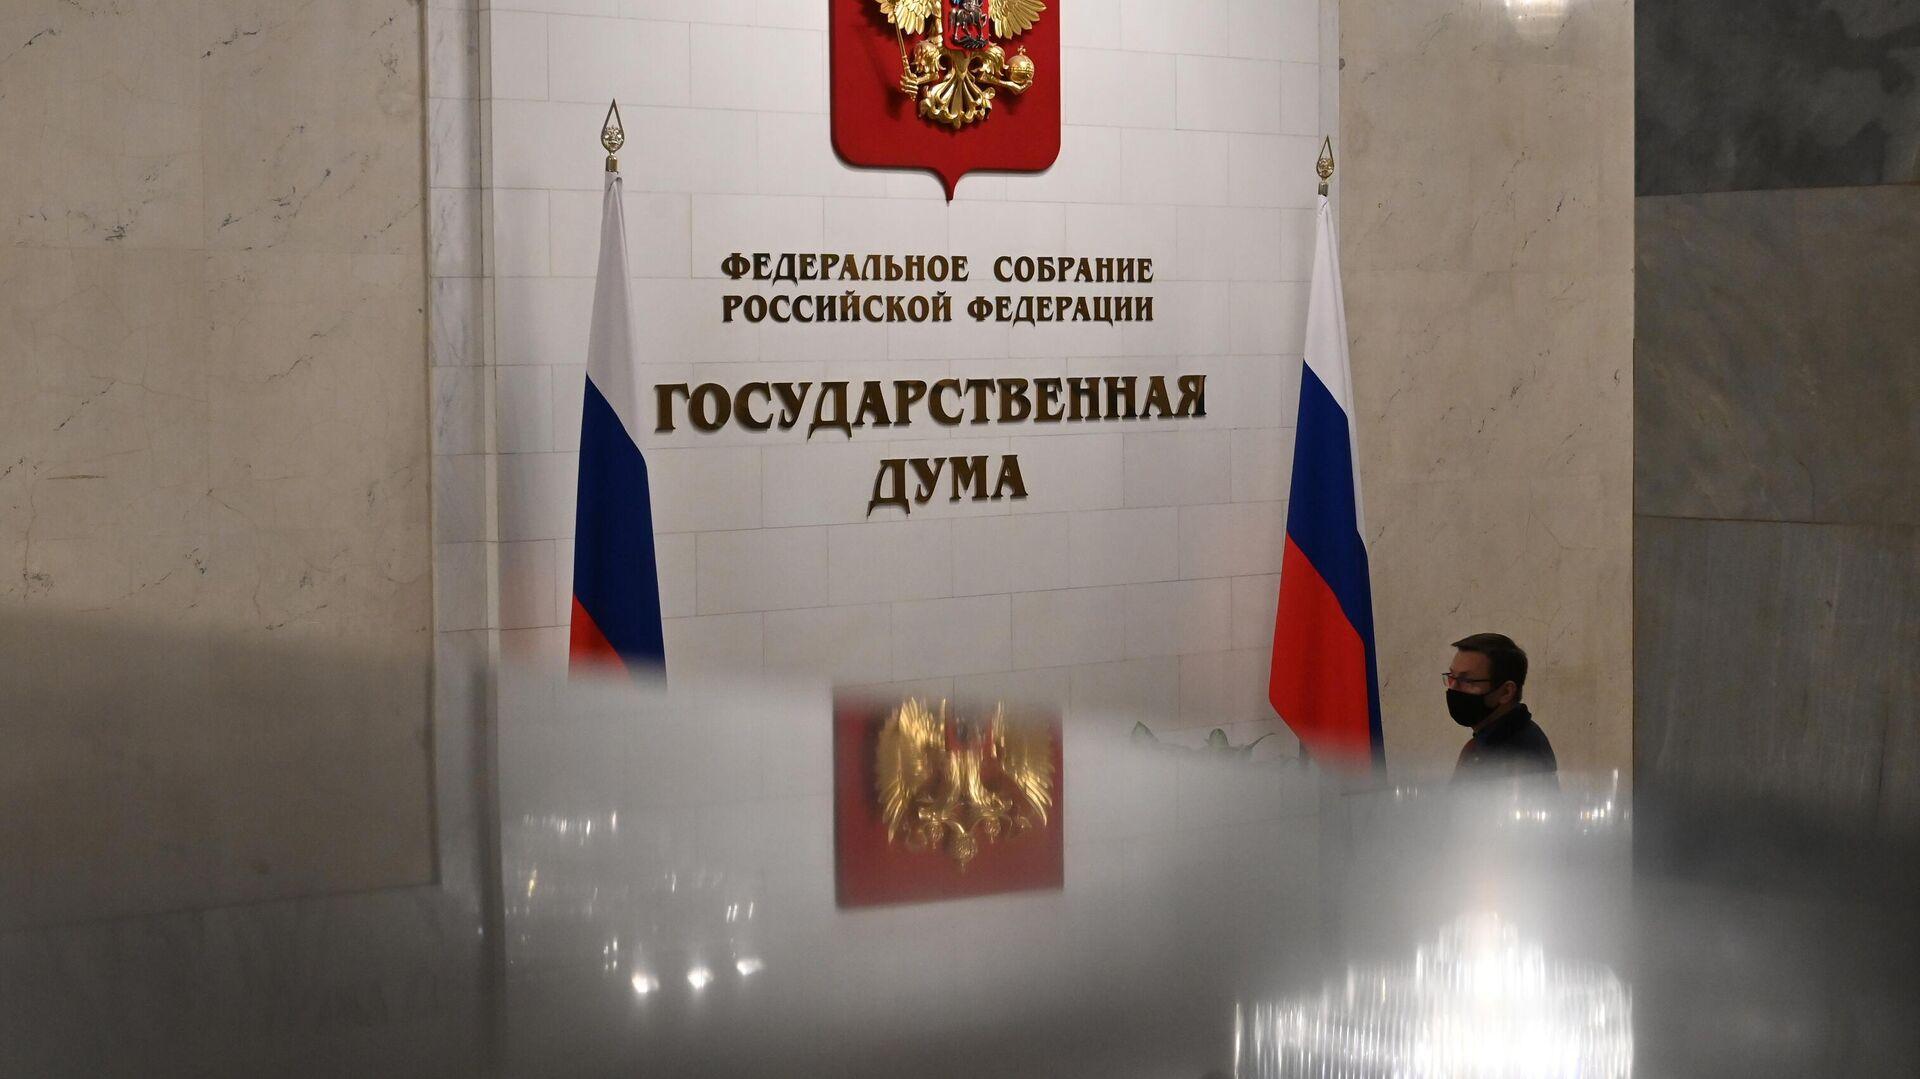 Мужчина в здании Государственной думы РФ - РИА Новости, 1920, 21.04.2021